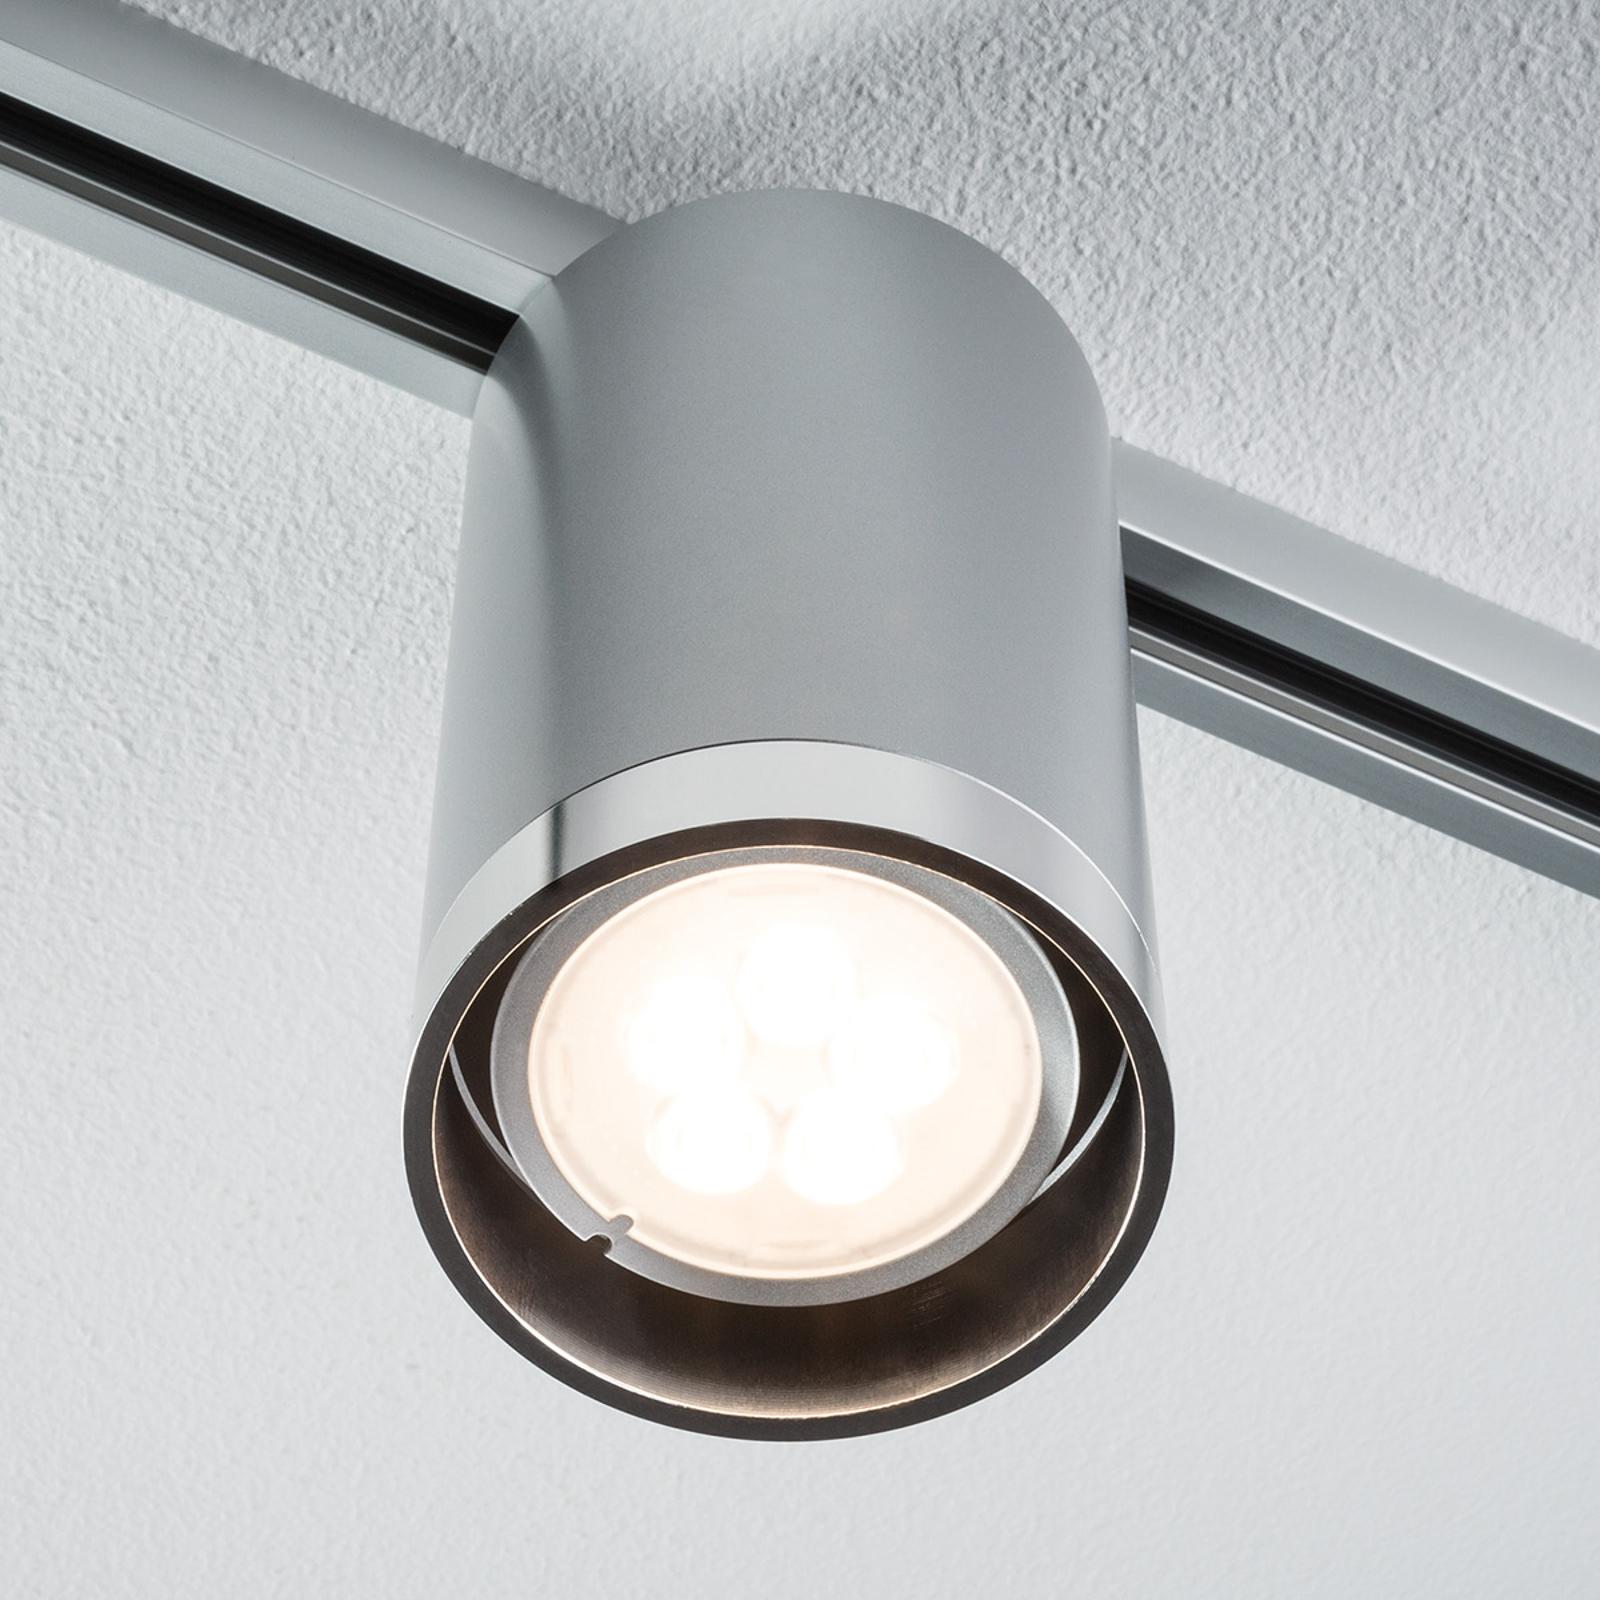 Paulmann URail Tube LED-Strahler chrom, starr 6,5W